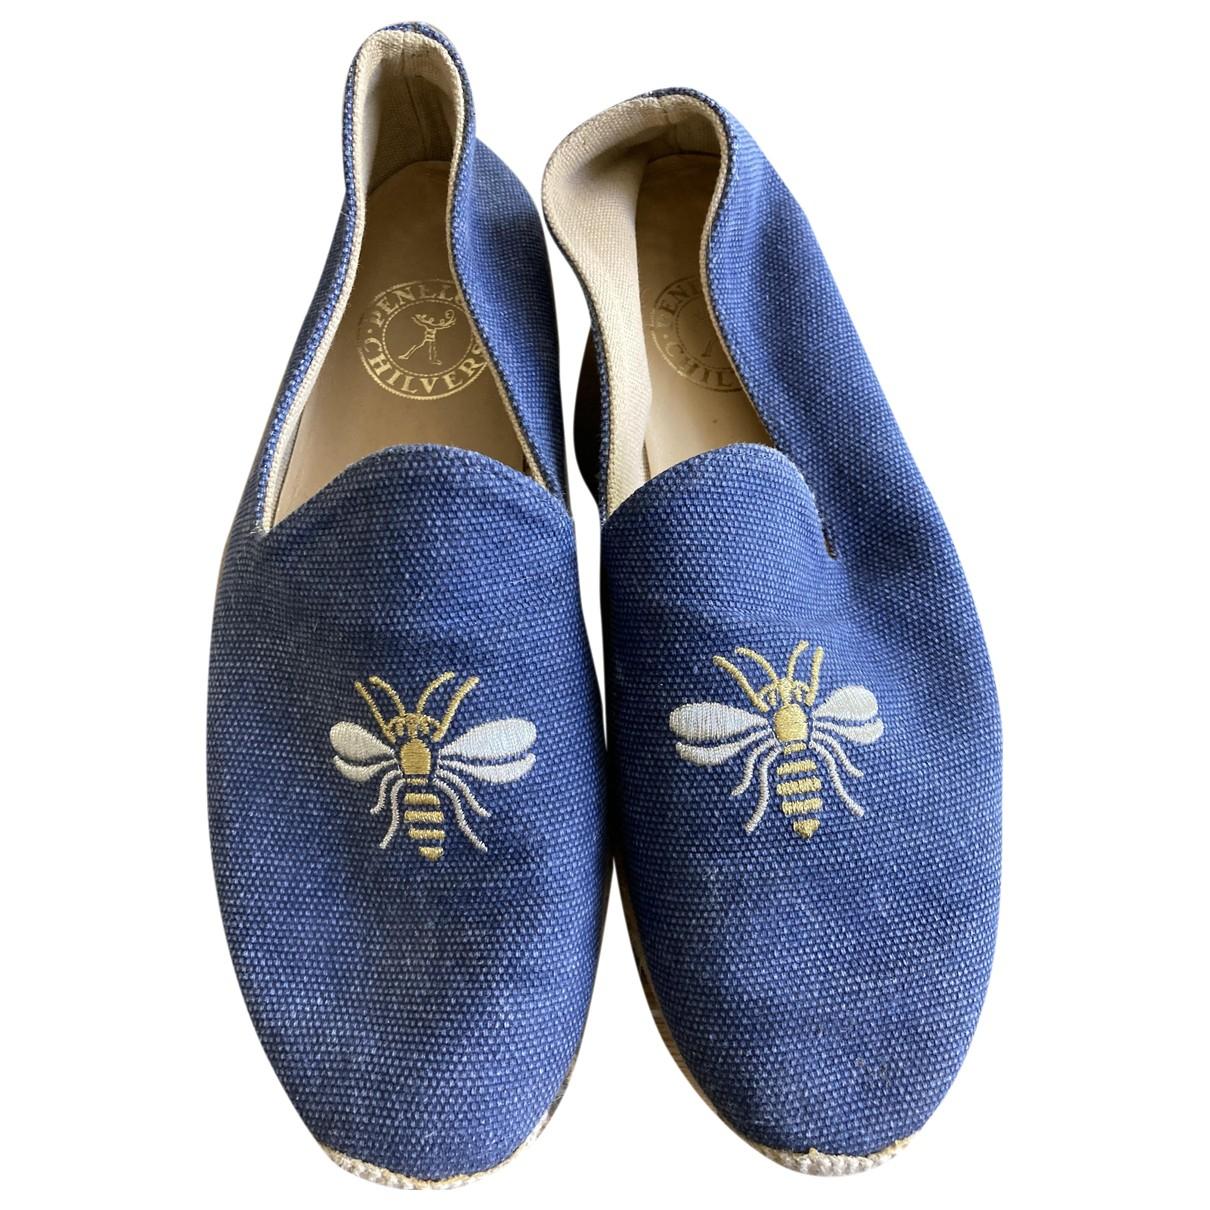 Penelope Chilvers \N Espadrilles in  Blau Leinen